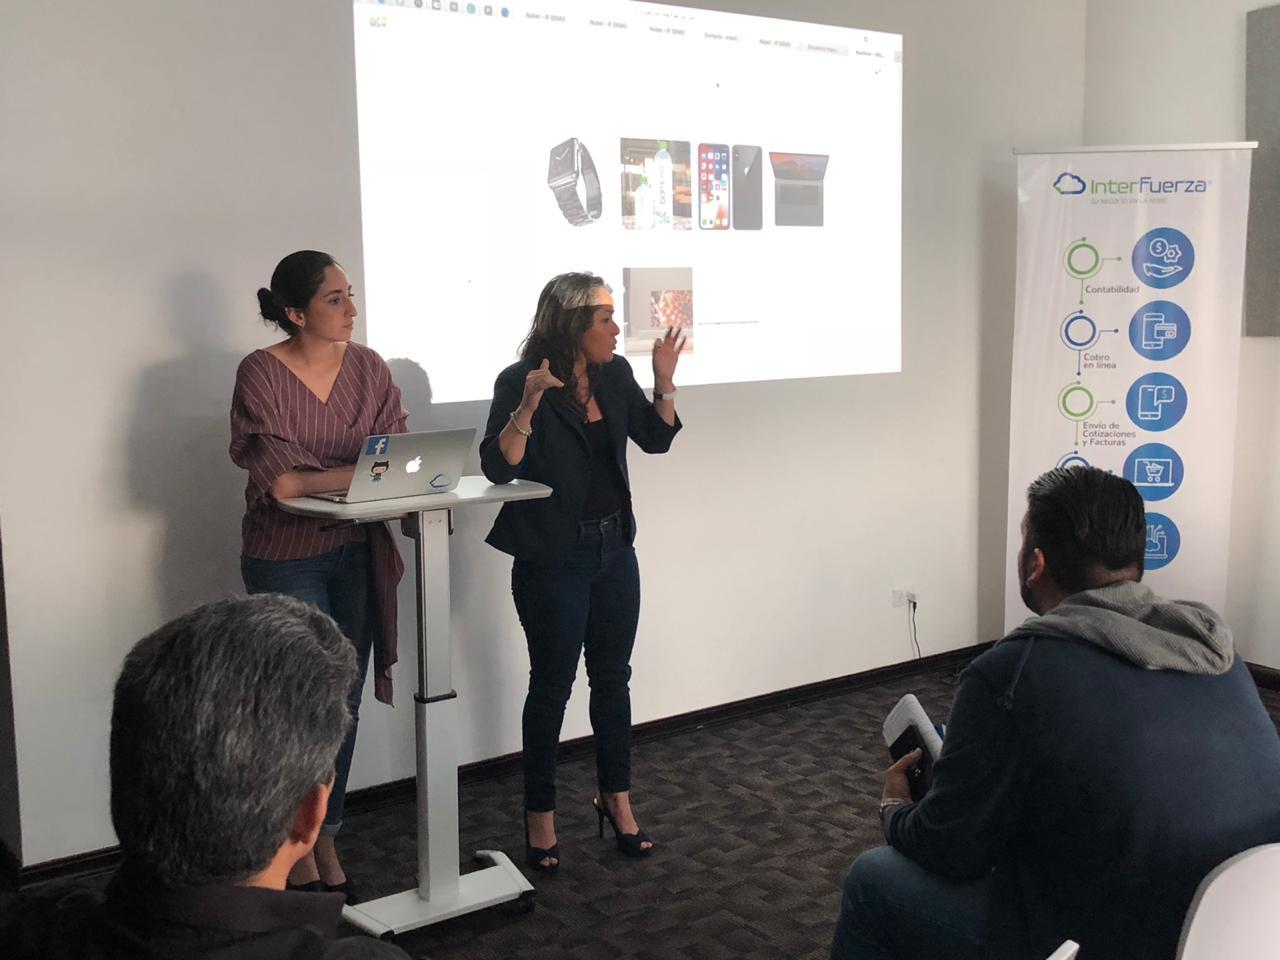 Expertos de MetroPago explicaron las soluciones integradas a la Tienda Virtual de InterFuerza